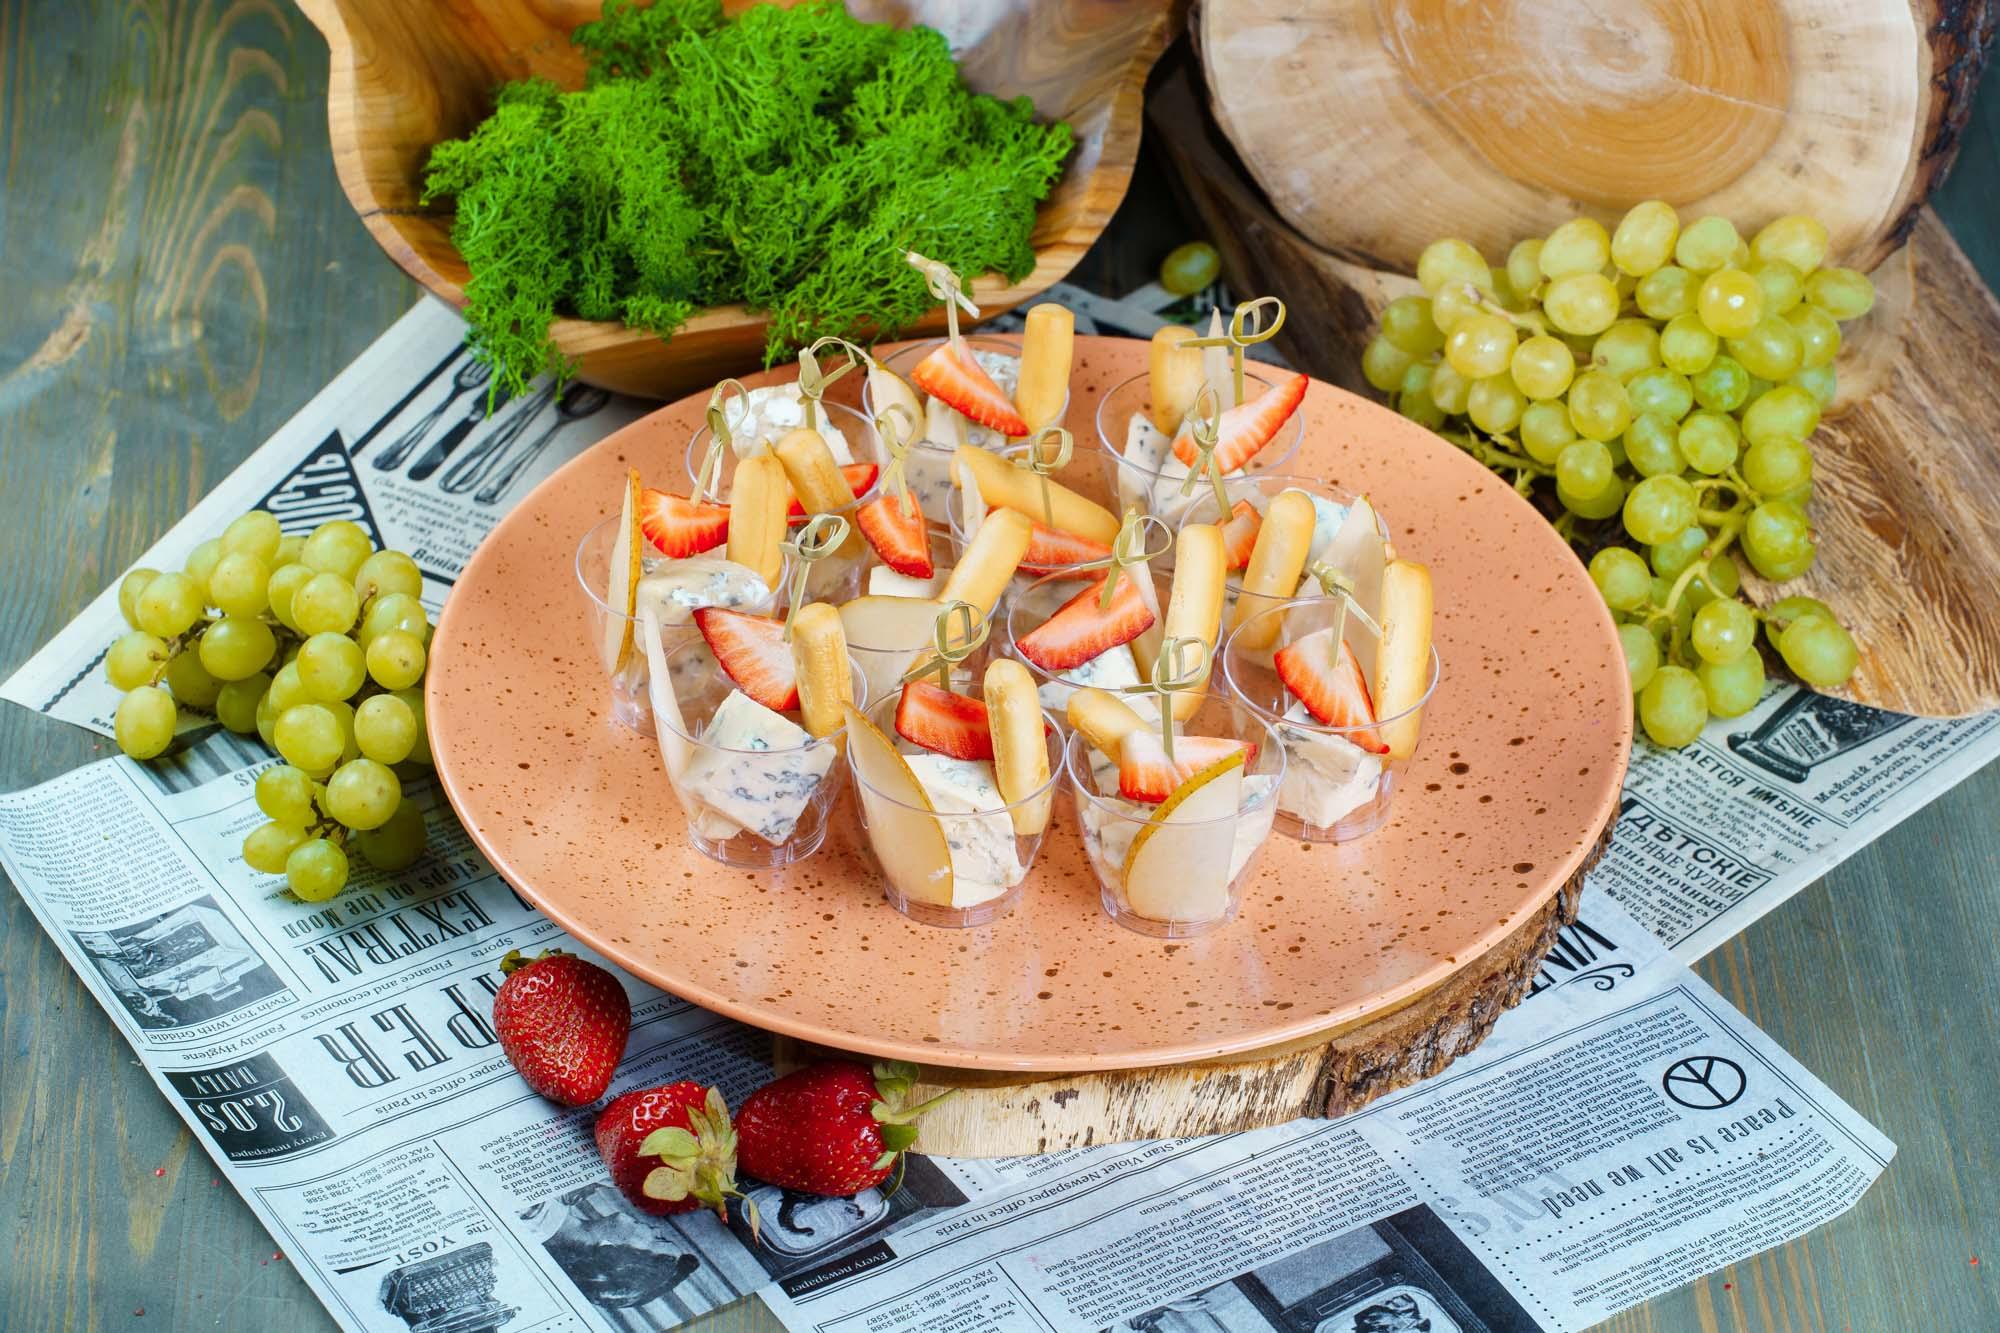 СЕТ №31 Дор-блю с клубникой и яблоком 12 шт по 25 гр